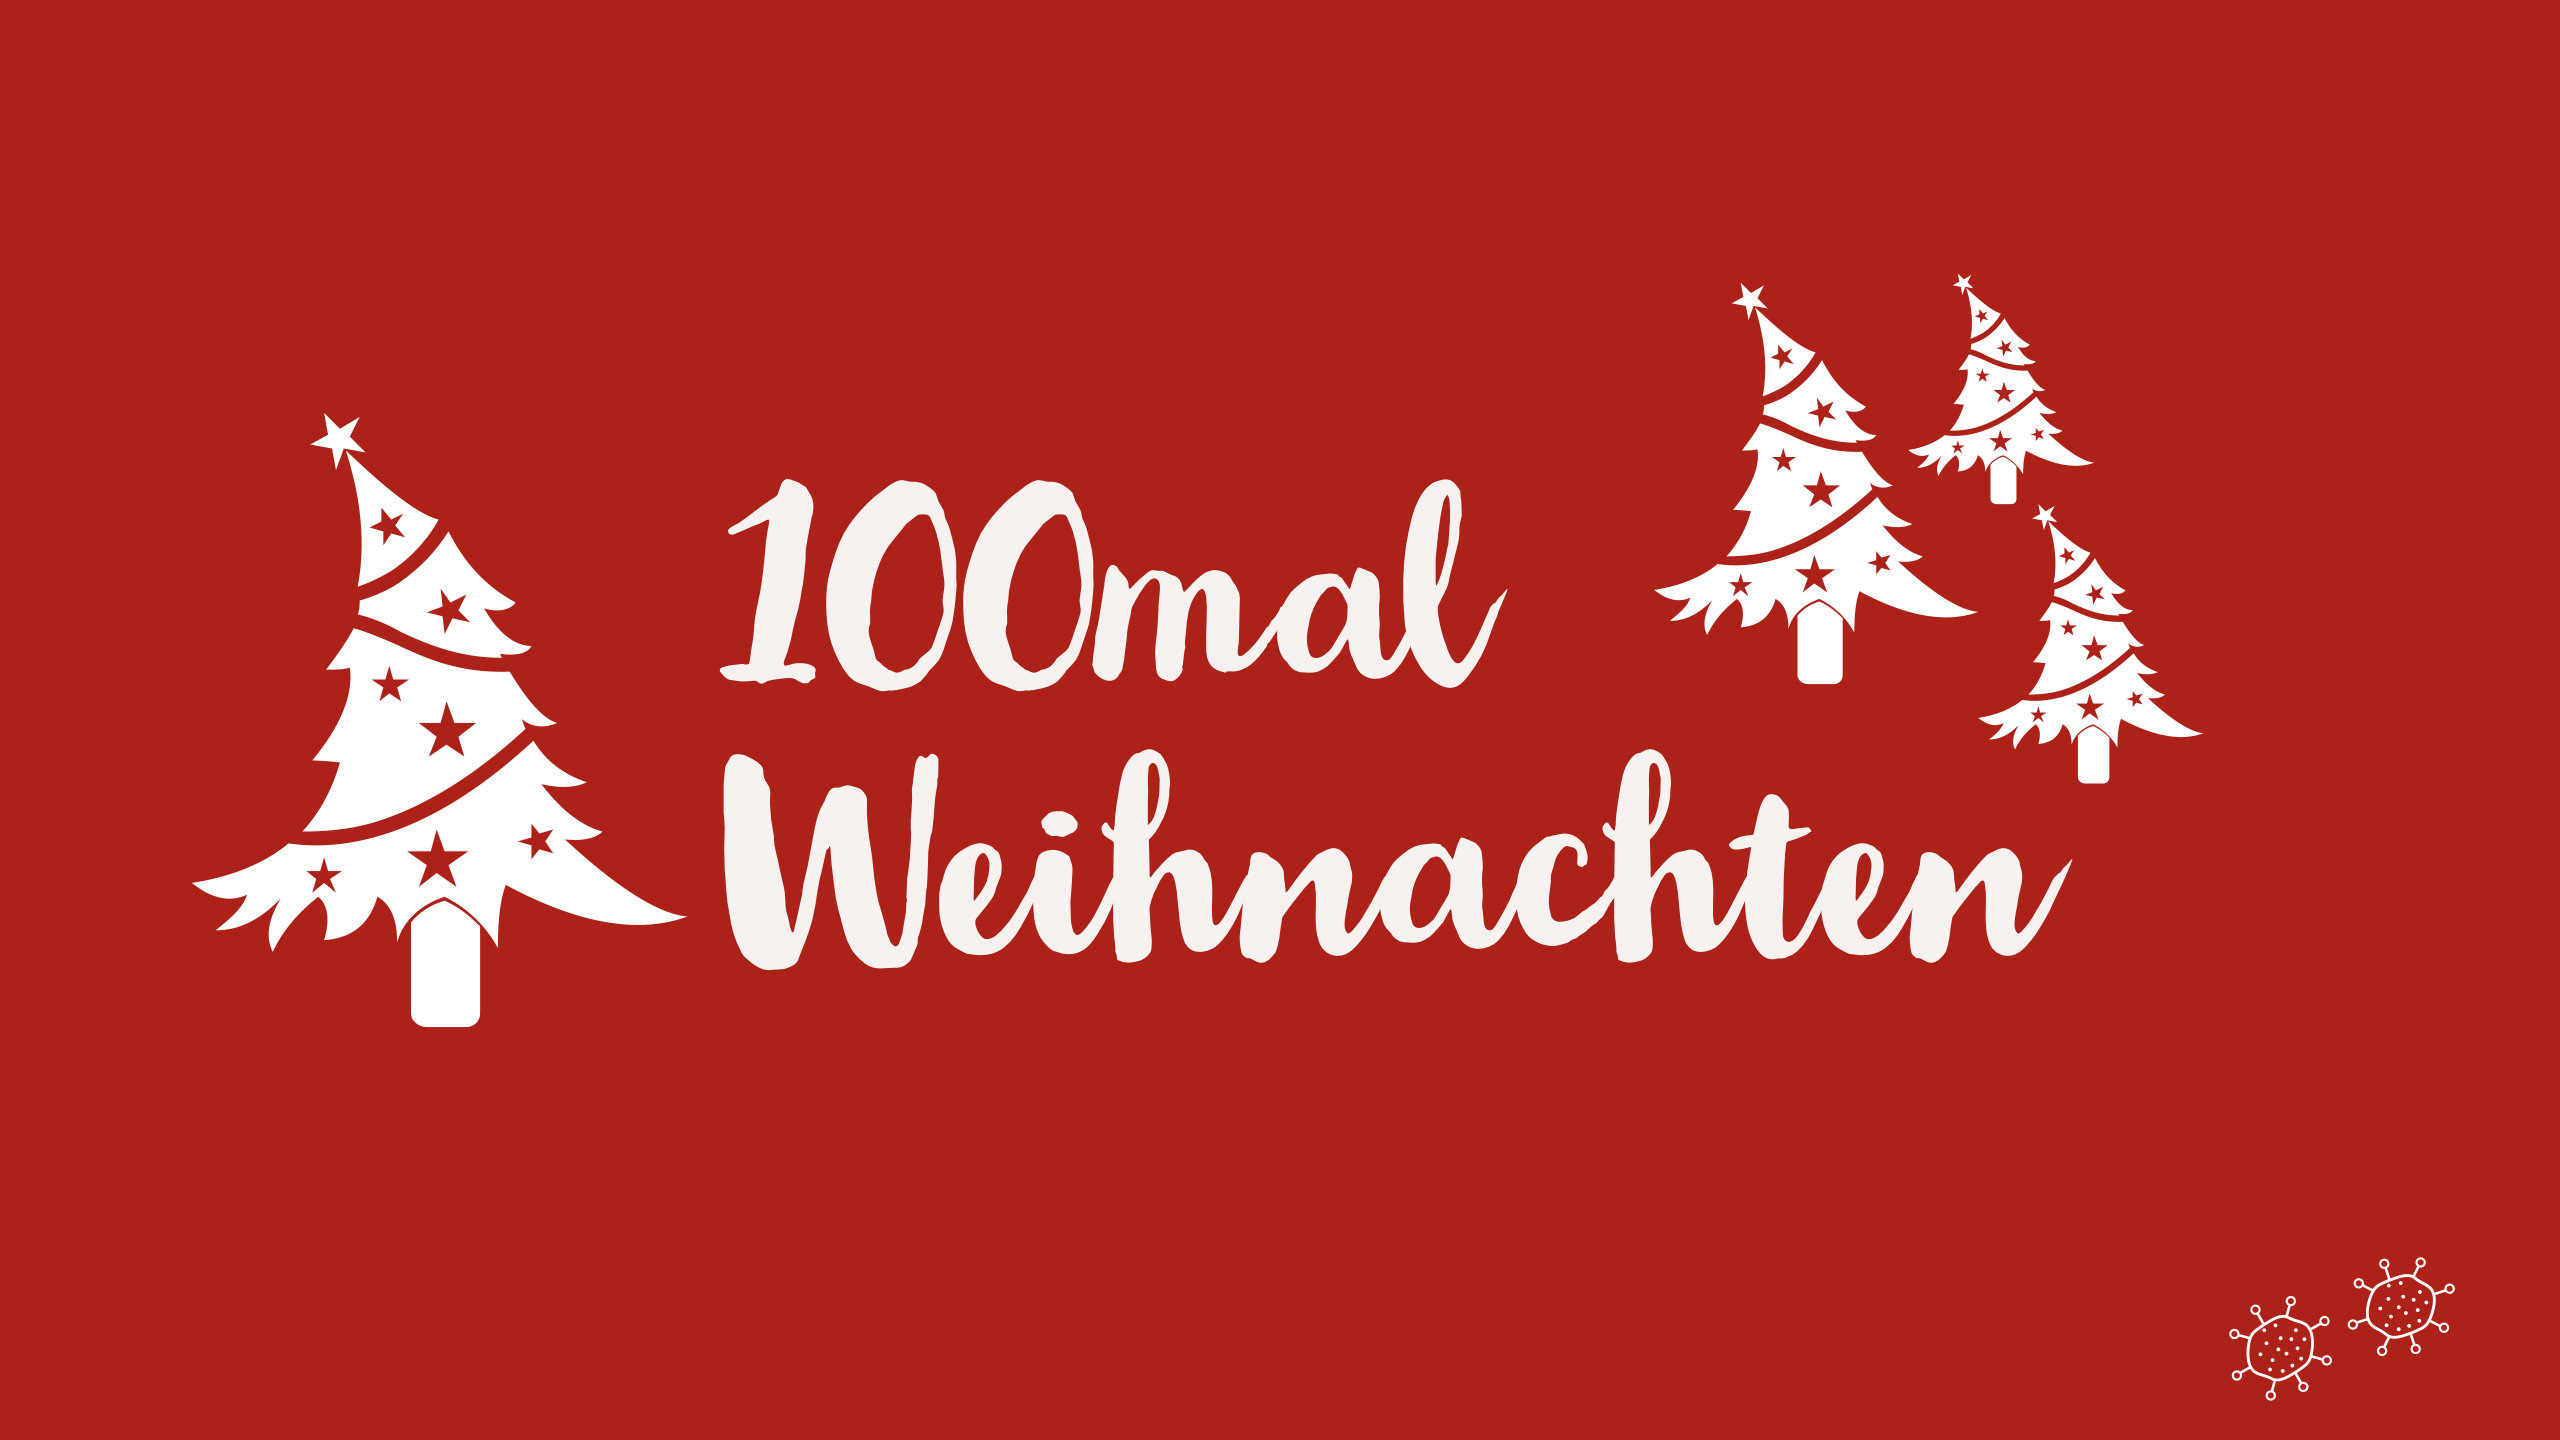 100mal Weihnachten